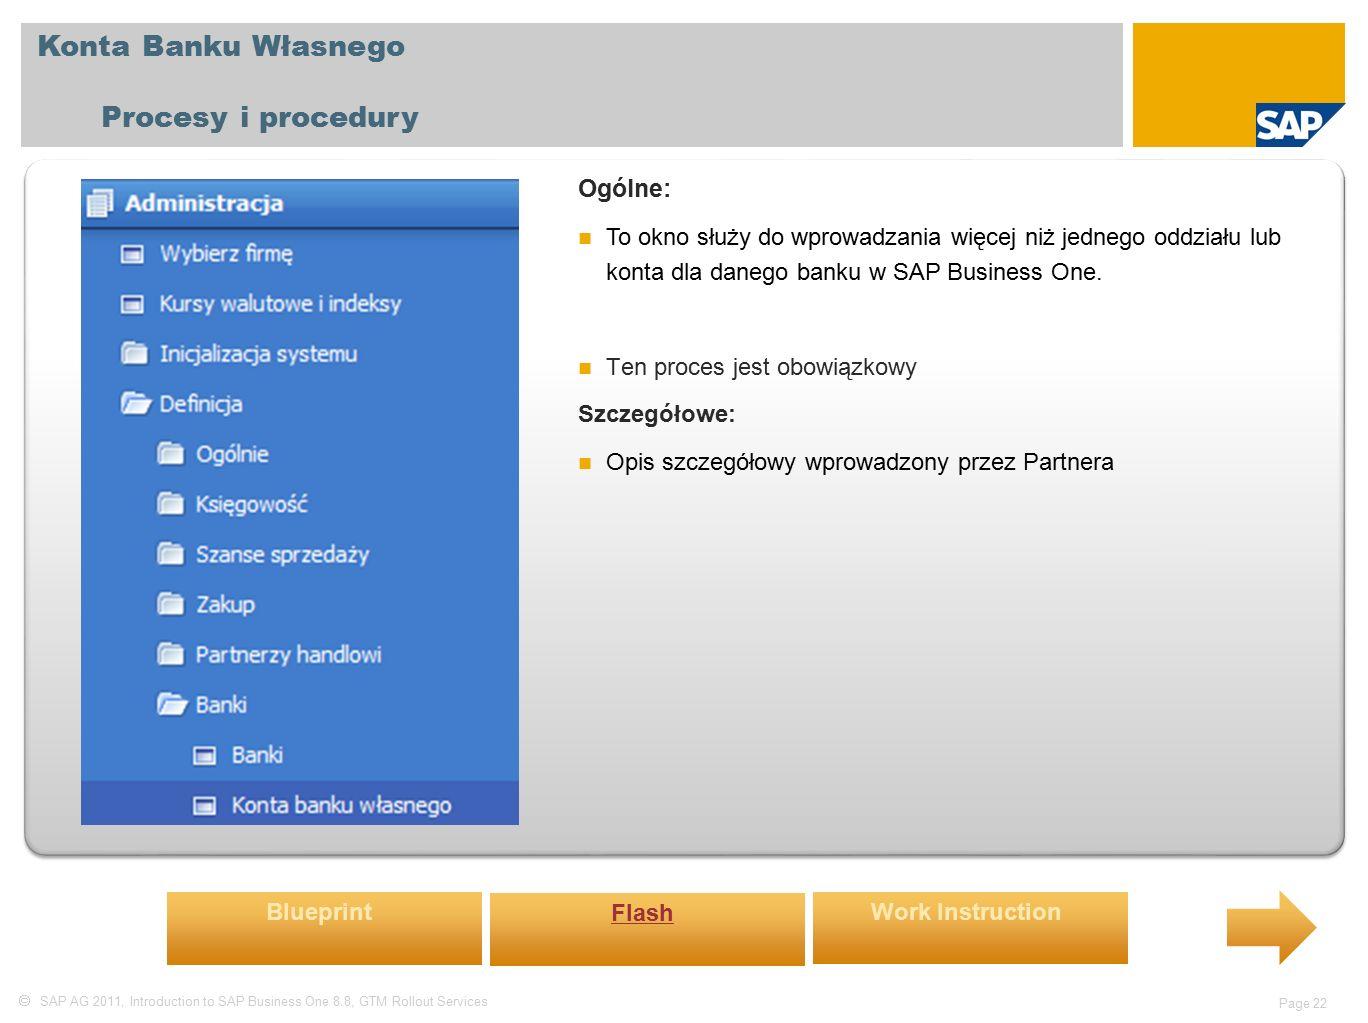  SAP AG 2011, Introduction to SAP Business One 8.8, GTM Rollout Services Page 22 Konta Banku Własnego Procesy i procedury Ogólne: To okno służy do wprowadzania więcej niż jednego oddziału lub konta dla danego banku w SAP Business One.